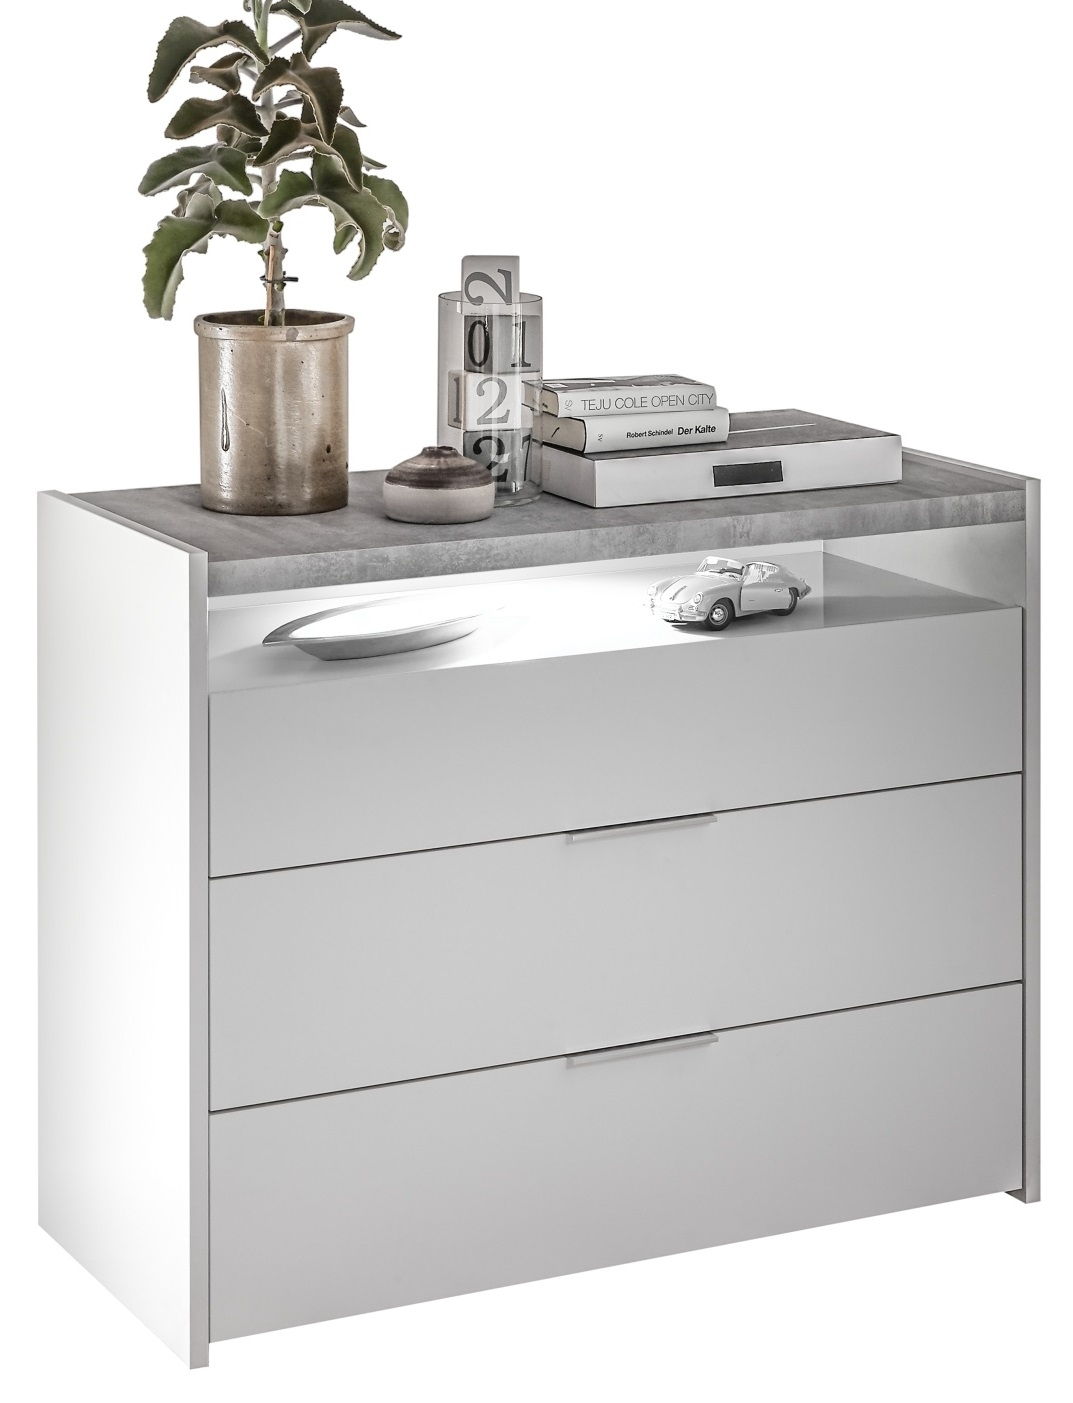 Commode Amalti 95 cm hoog in mat wit met grijs beton | Pesaro Mobilia